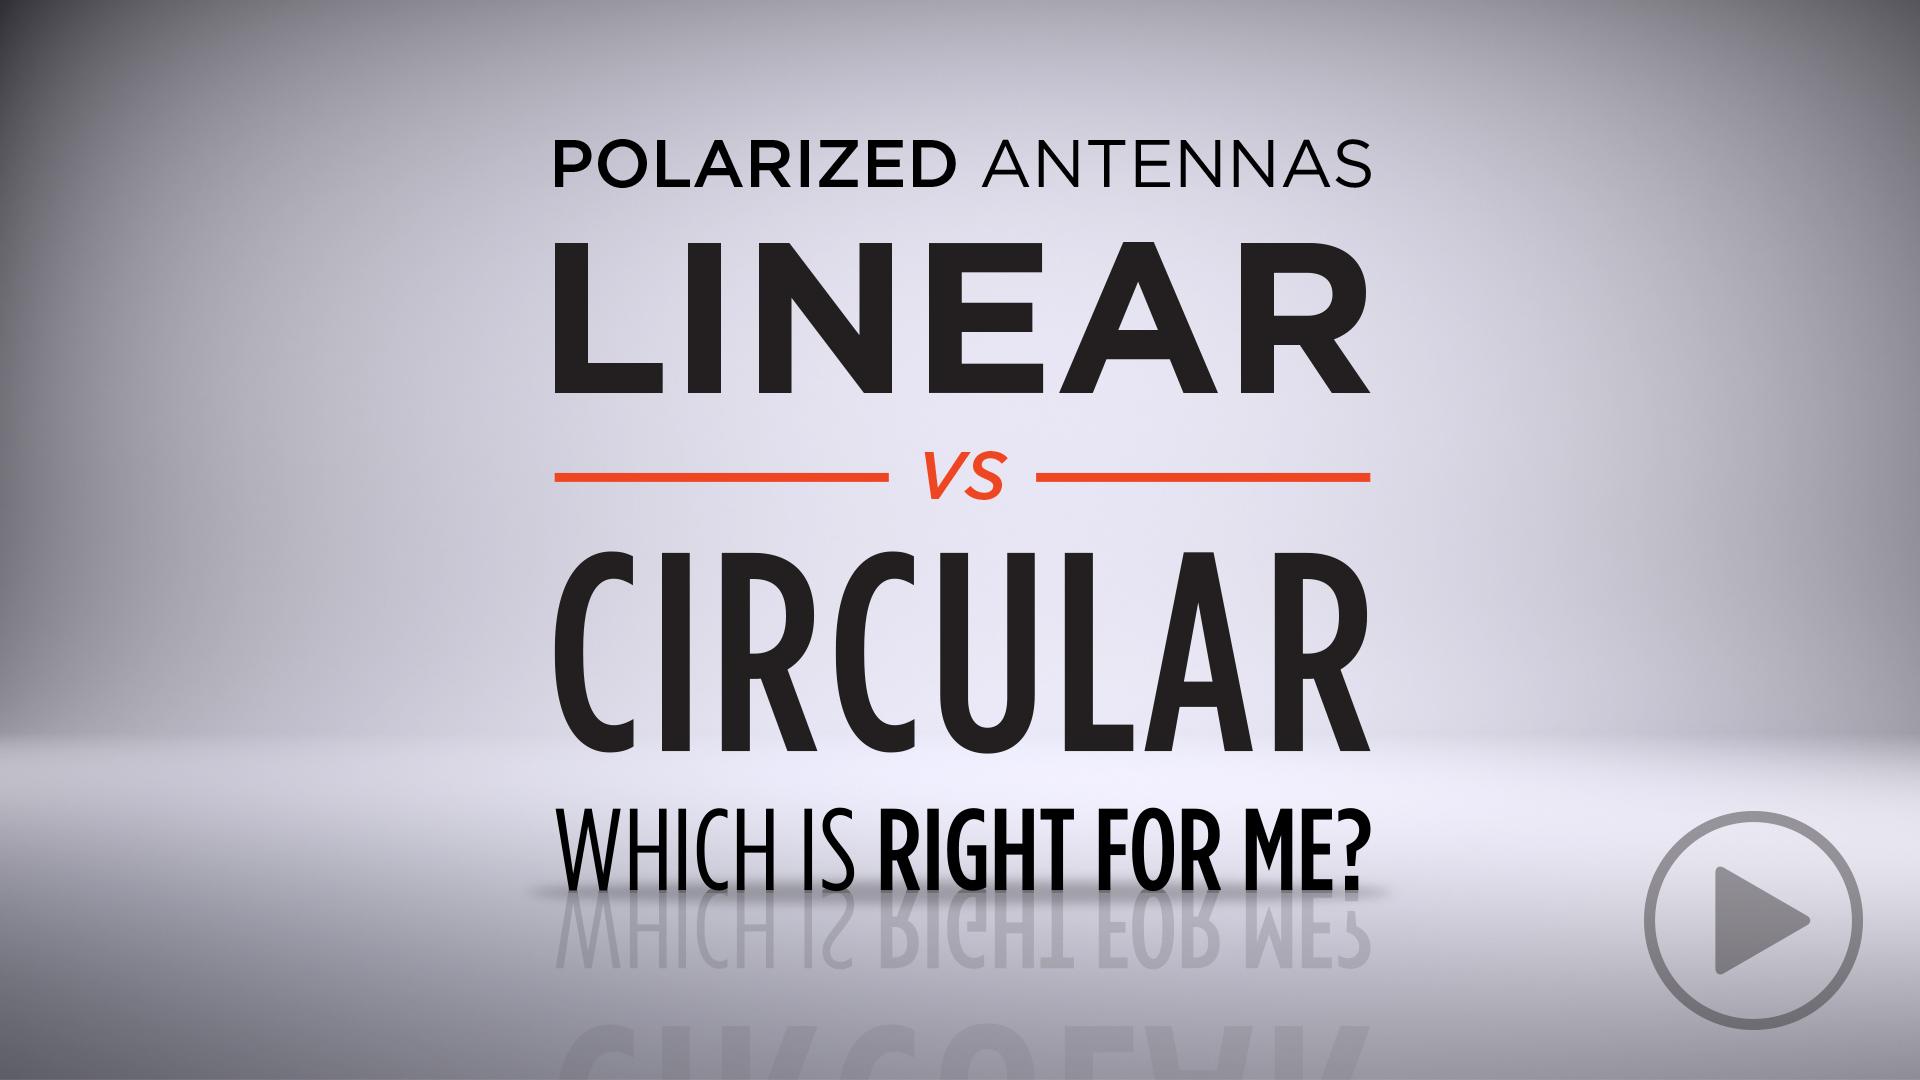 linear-vs-circular-rfid-antennas.jpg